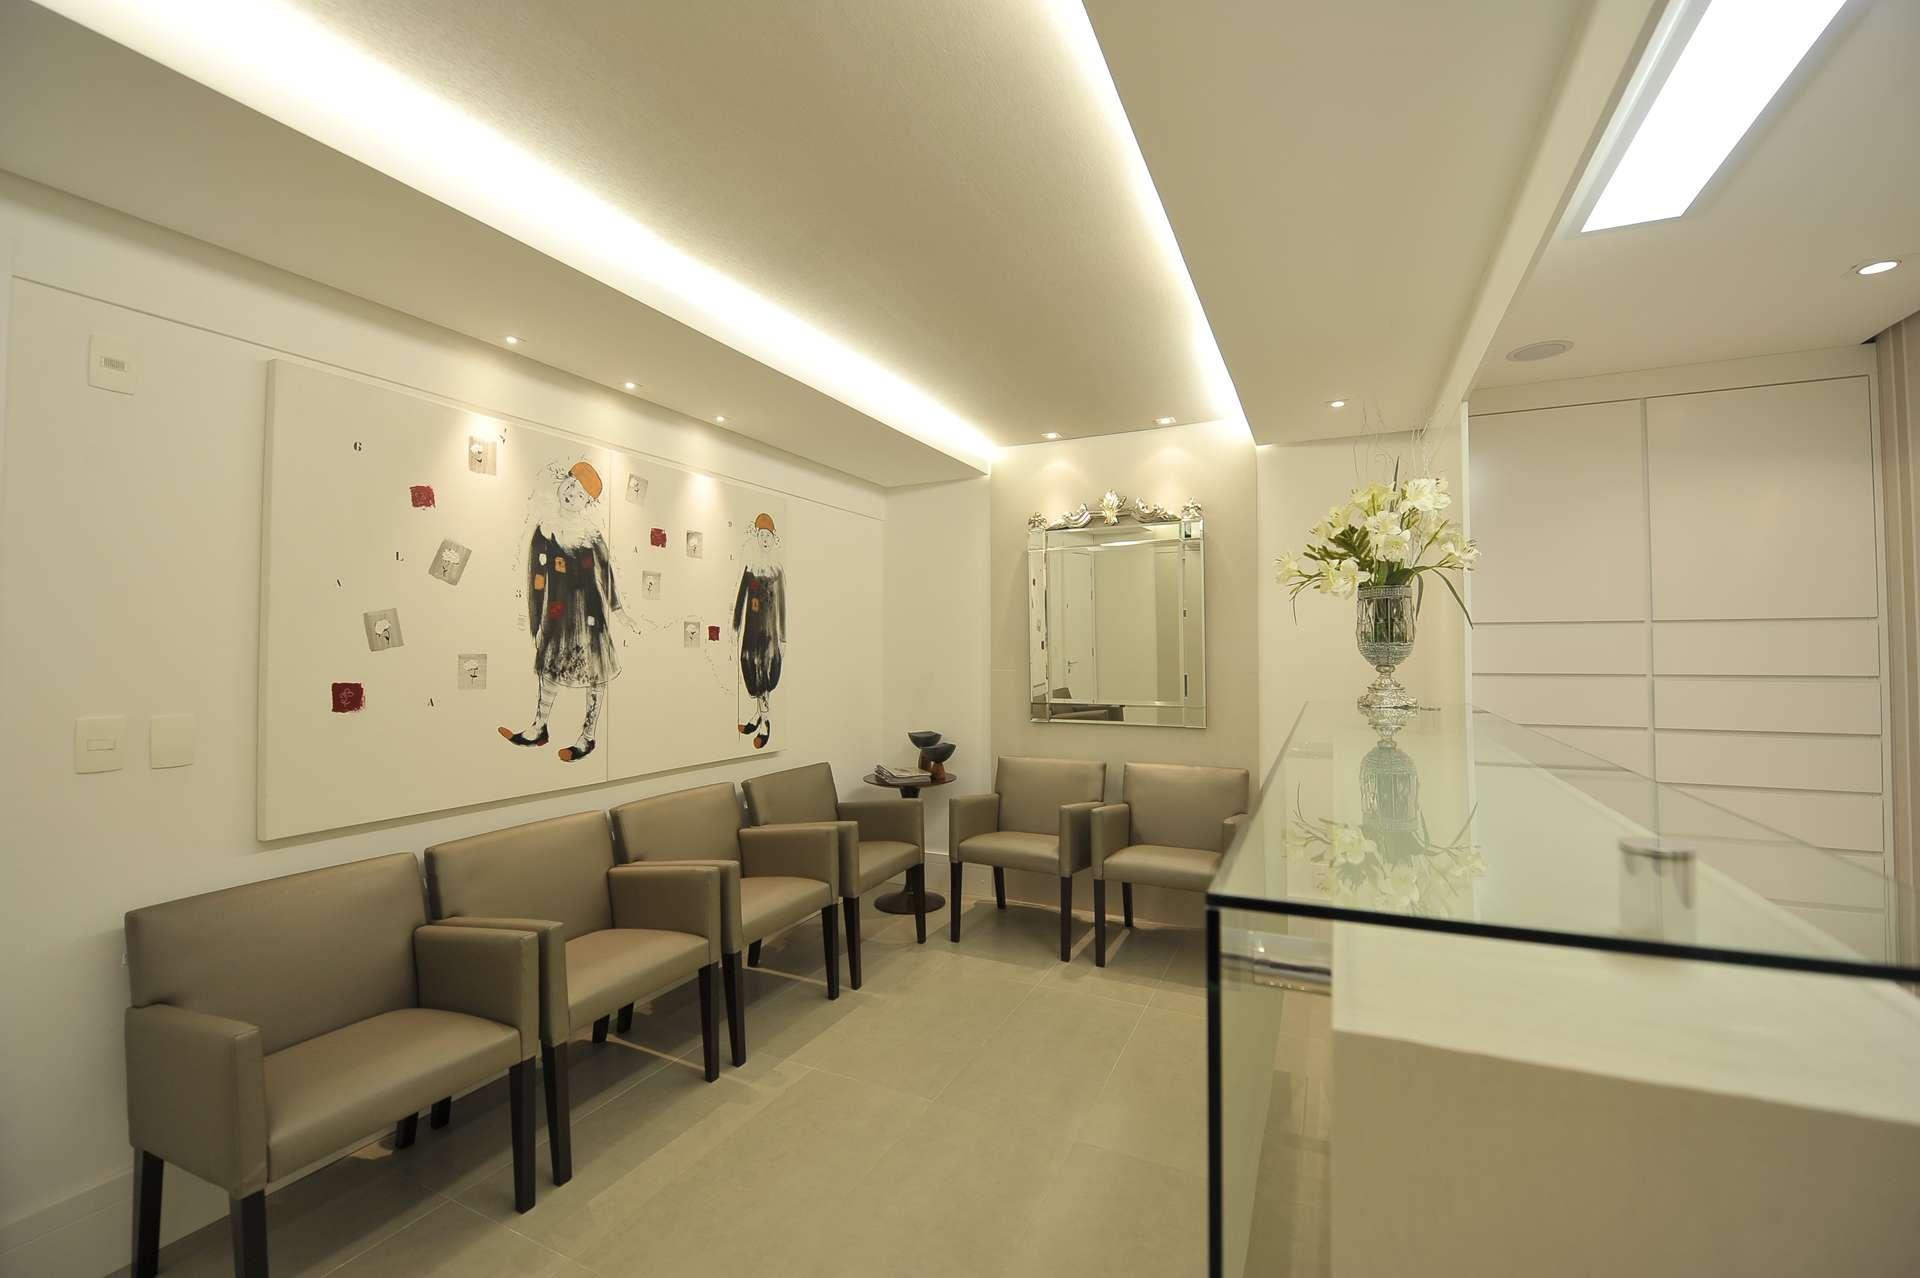 Clinica Spolavori